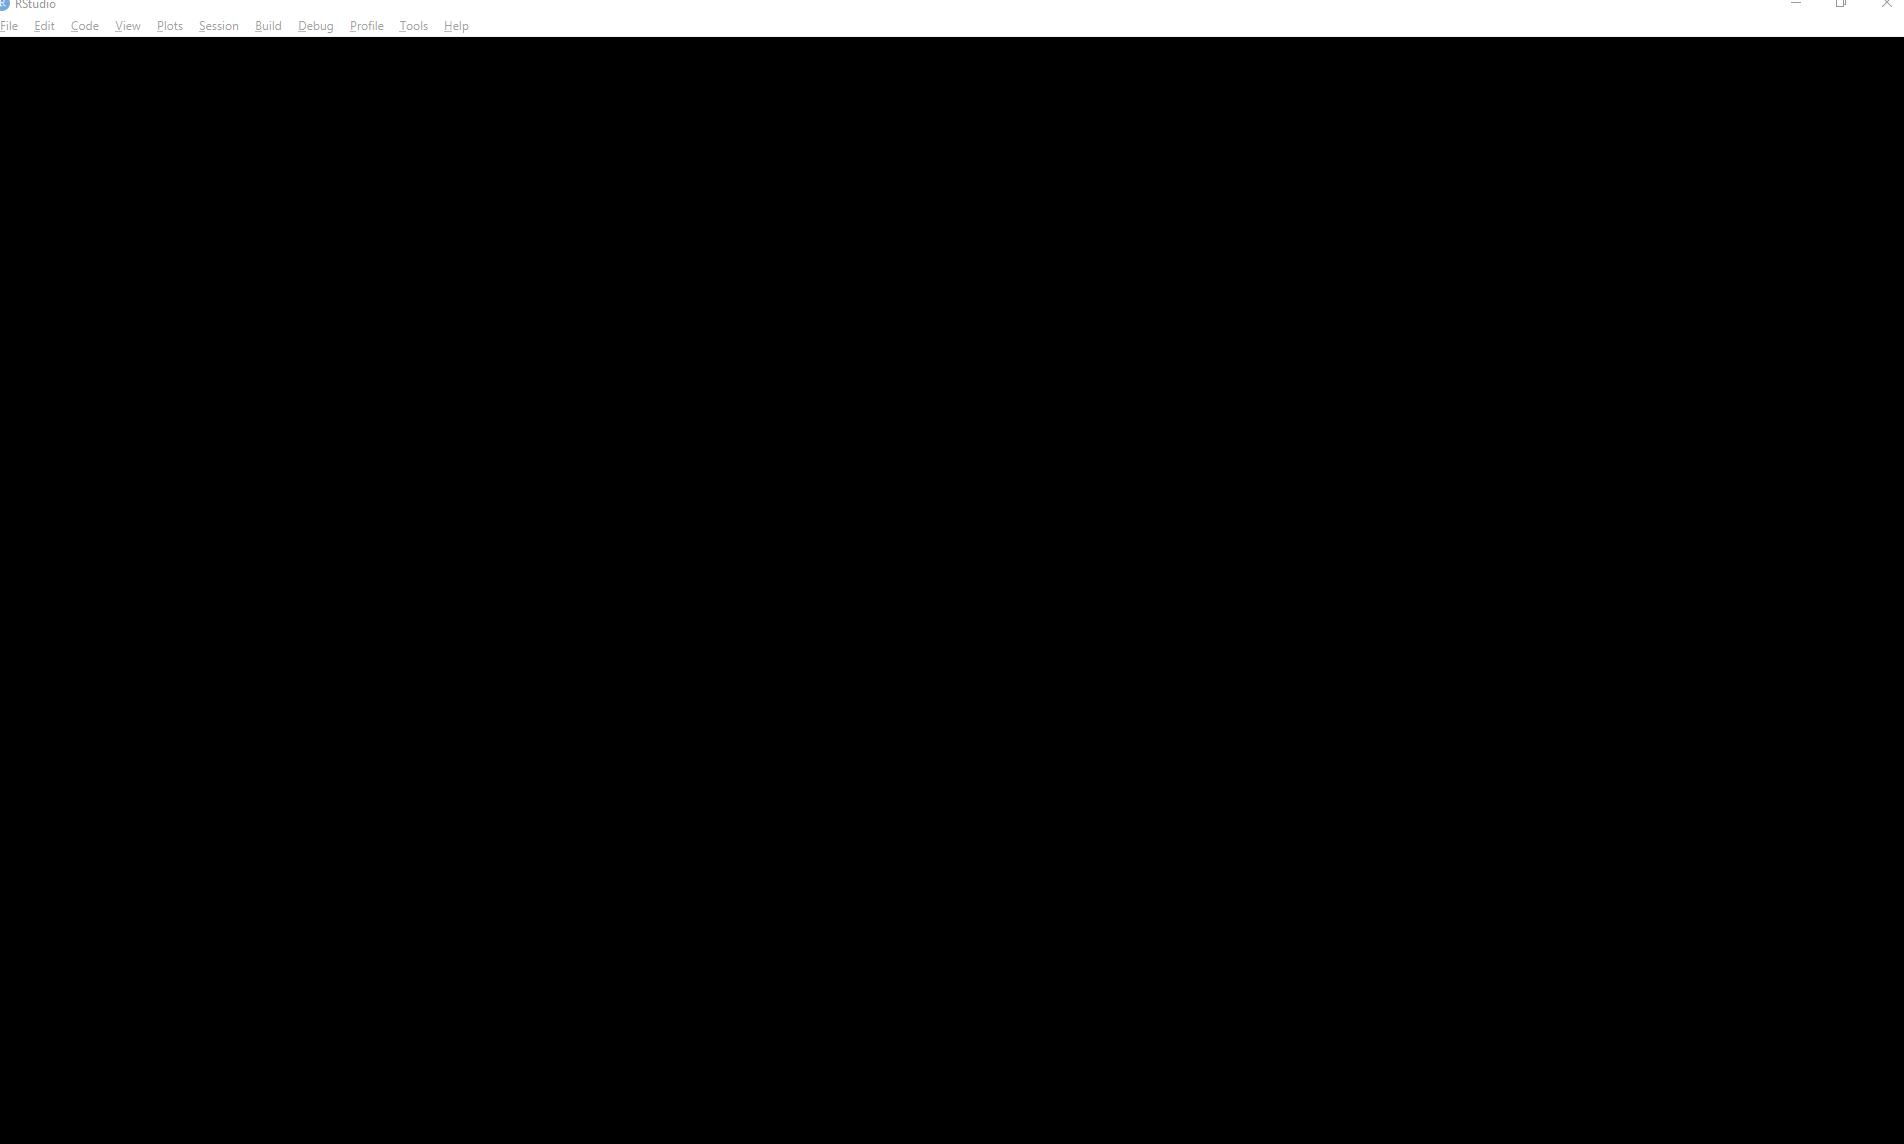 RStudio Preview IDE RStudio-1 2 1139 Screen is black - RStudio IDE